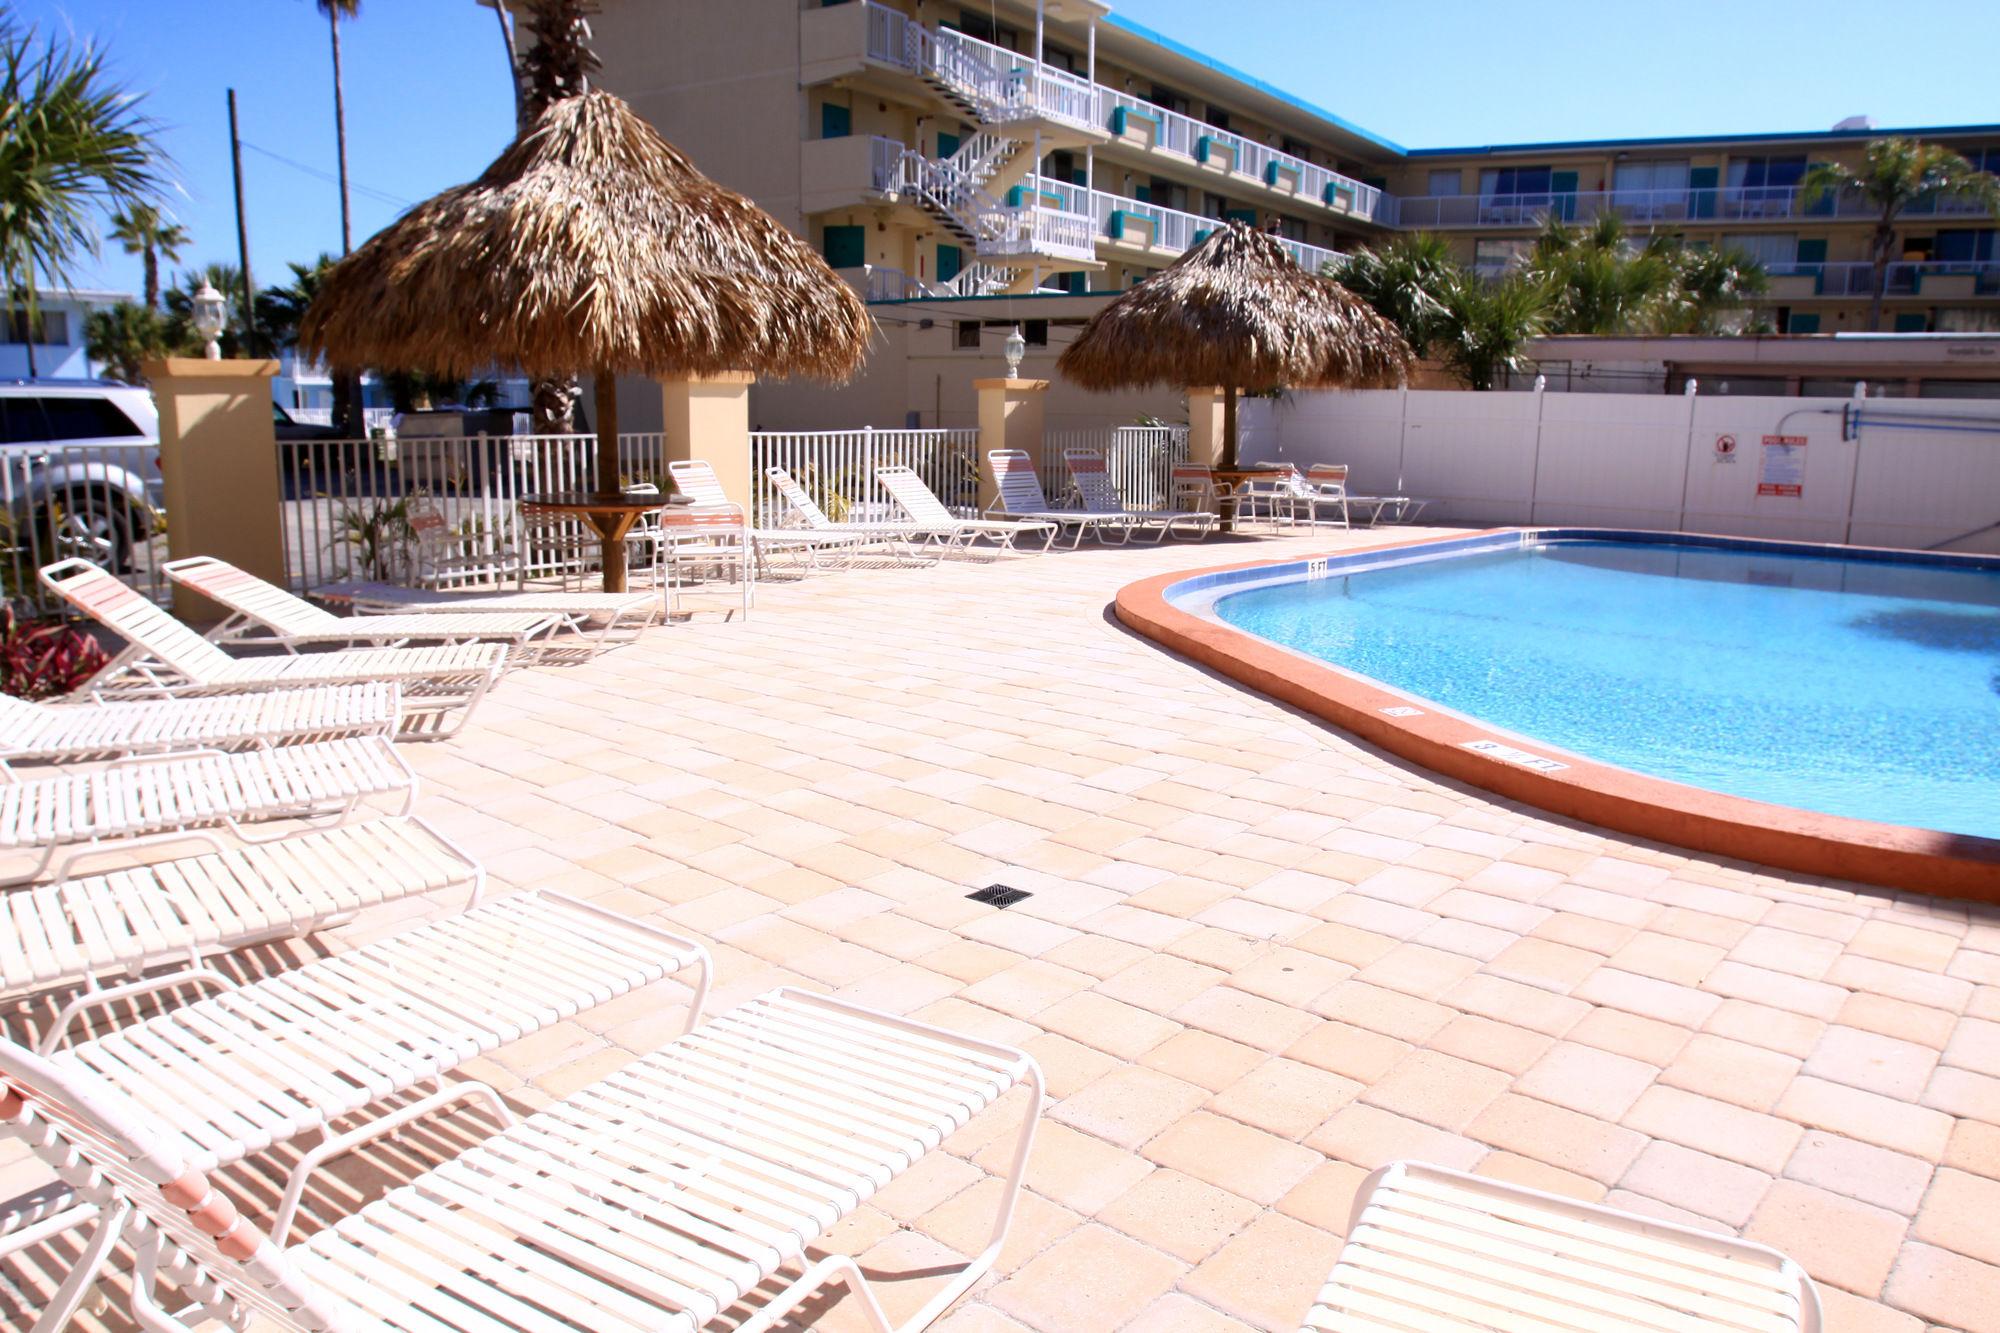 Seaside Inn & Suites Clearwater Beach in Clearwater Beach, FL